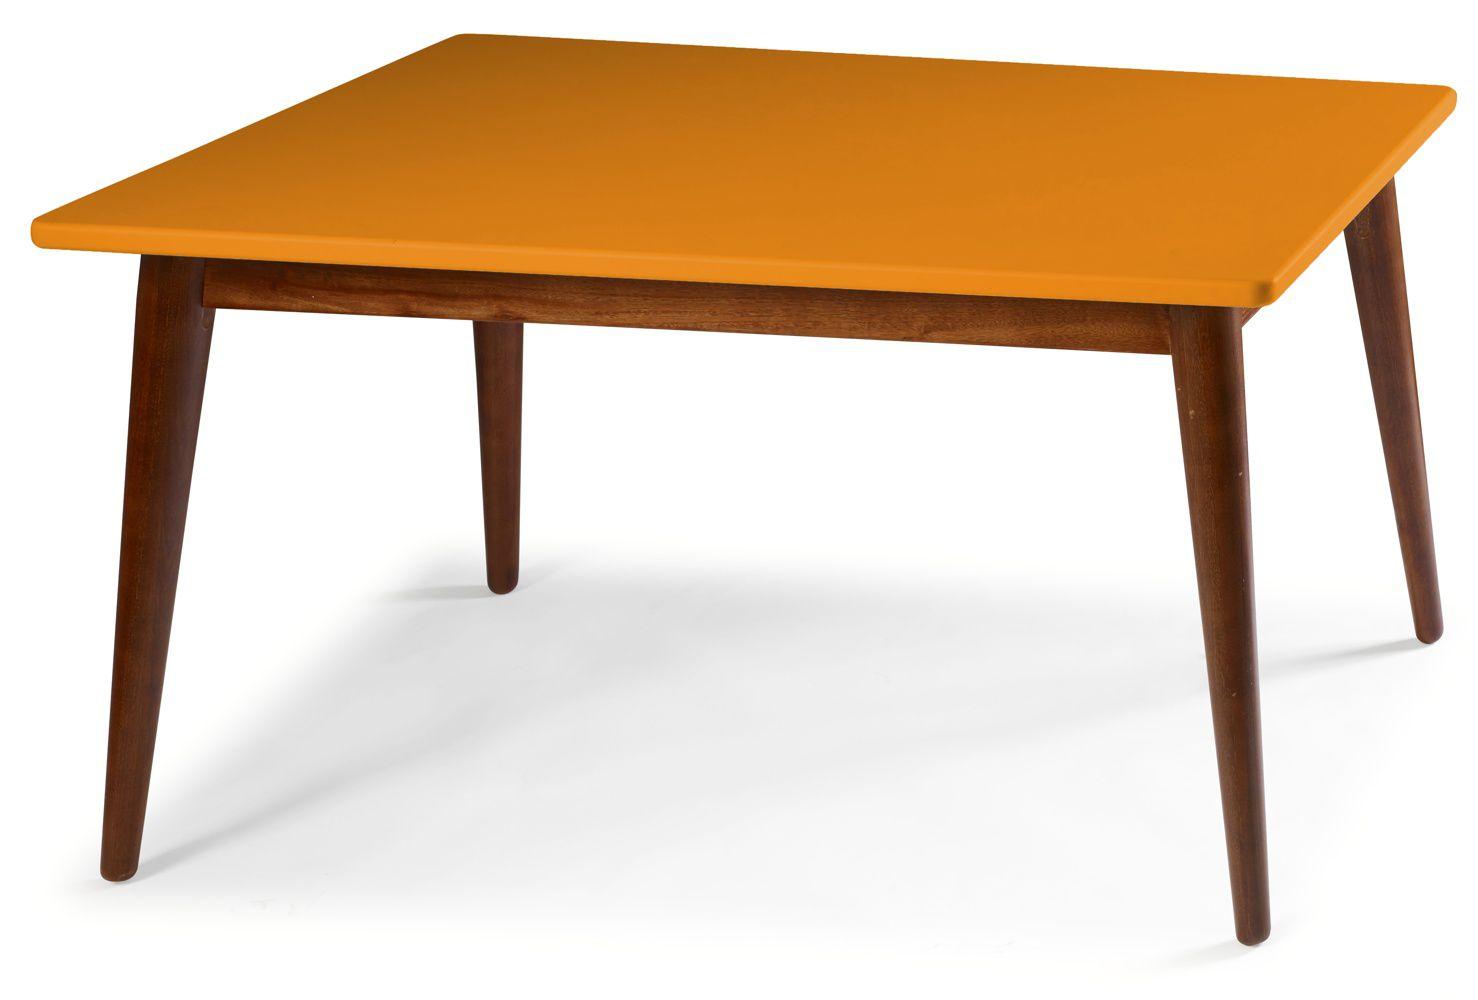 Mesa de Jantar Novita - Tamanho (0,90 x 180cm)